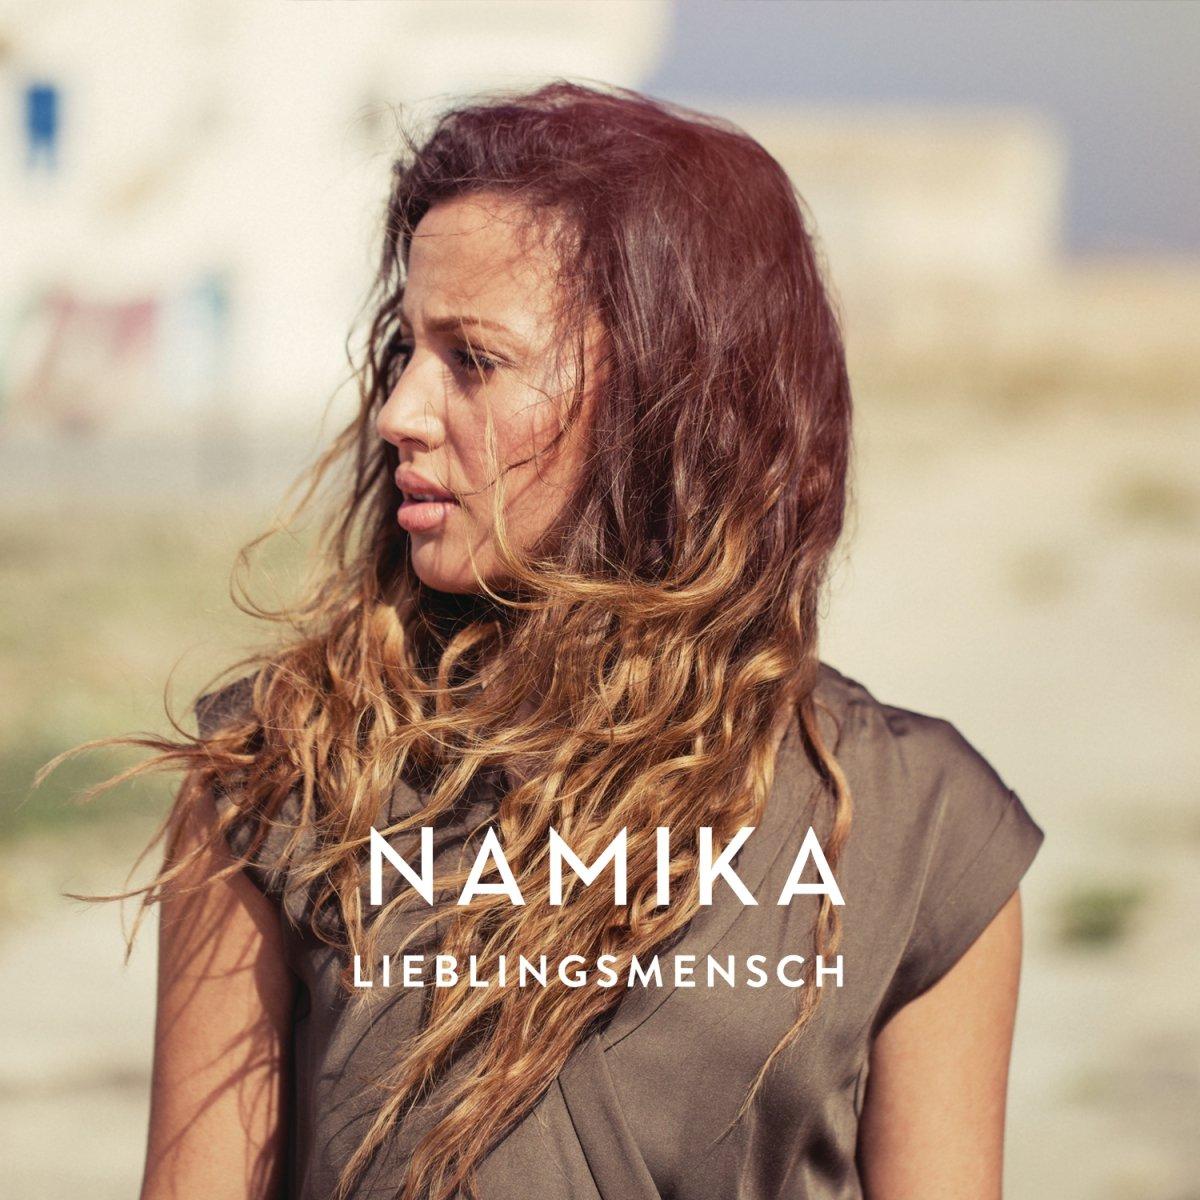 Певица Намика (Namika)